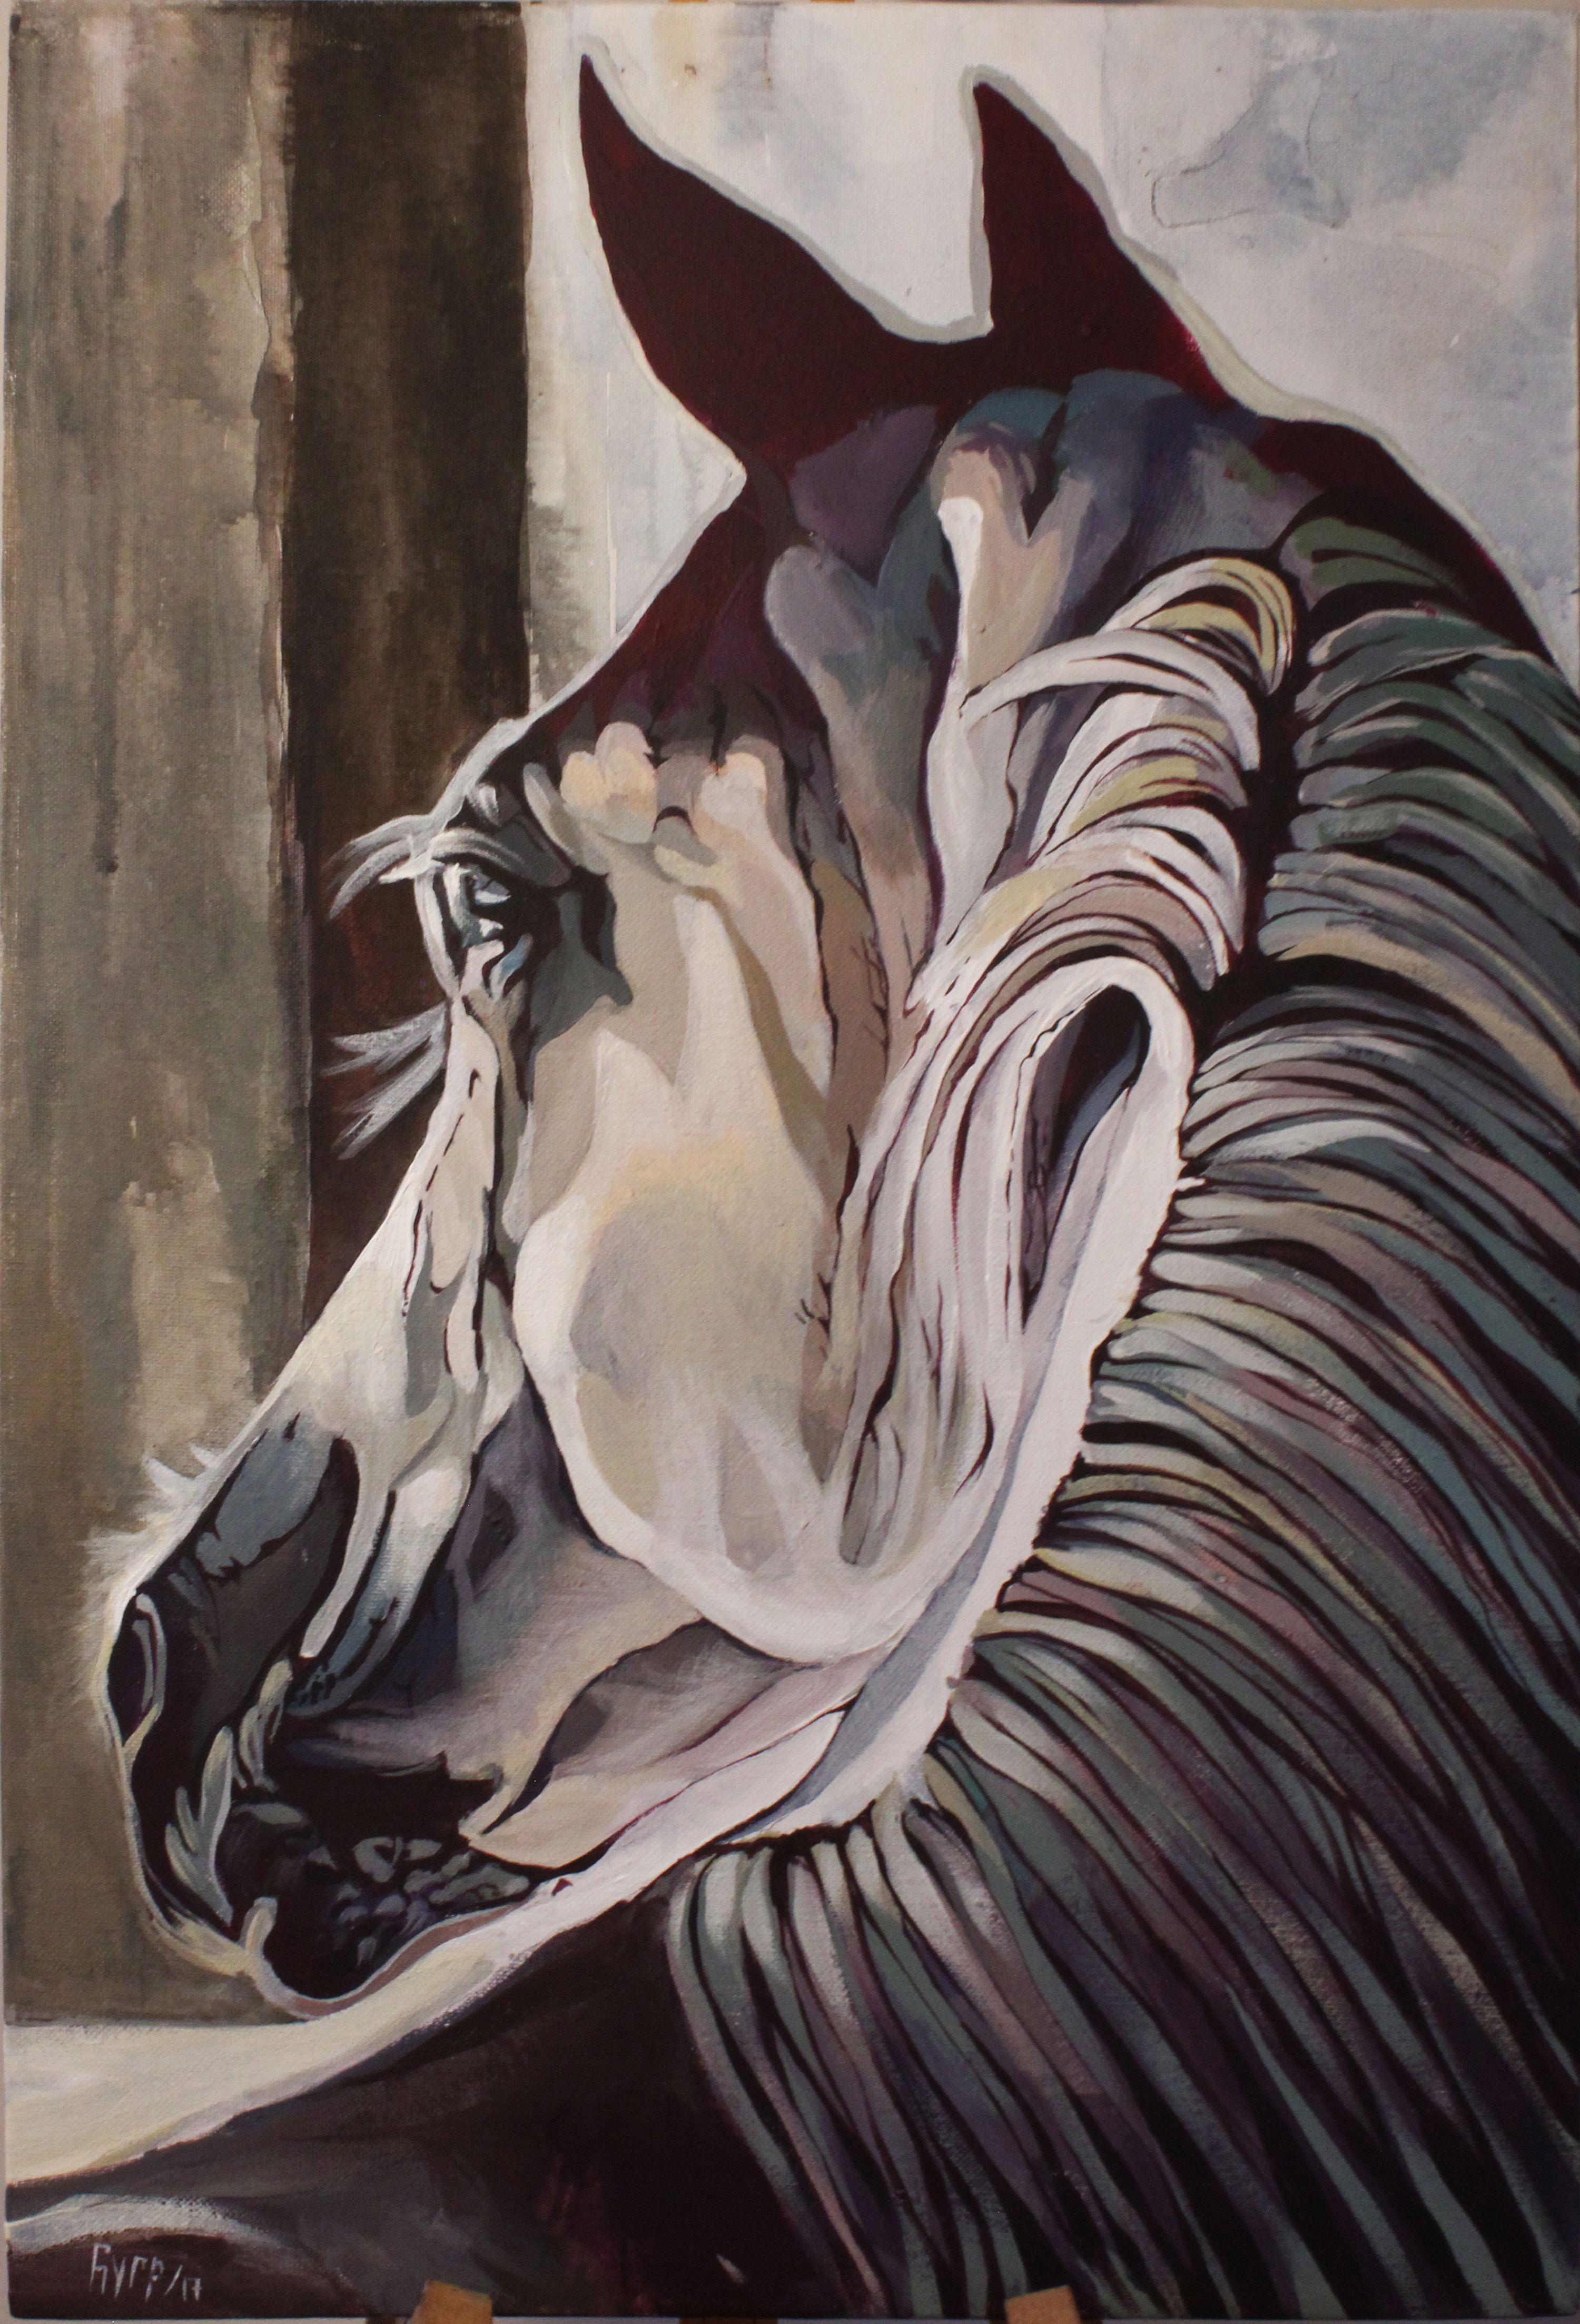 домашние на животные мечта сказка портрет заказ кони лошади радость конюшня подарок